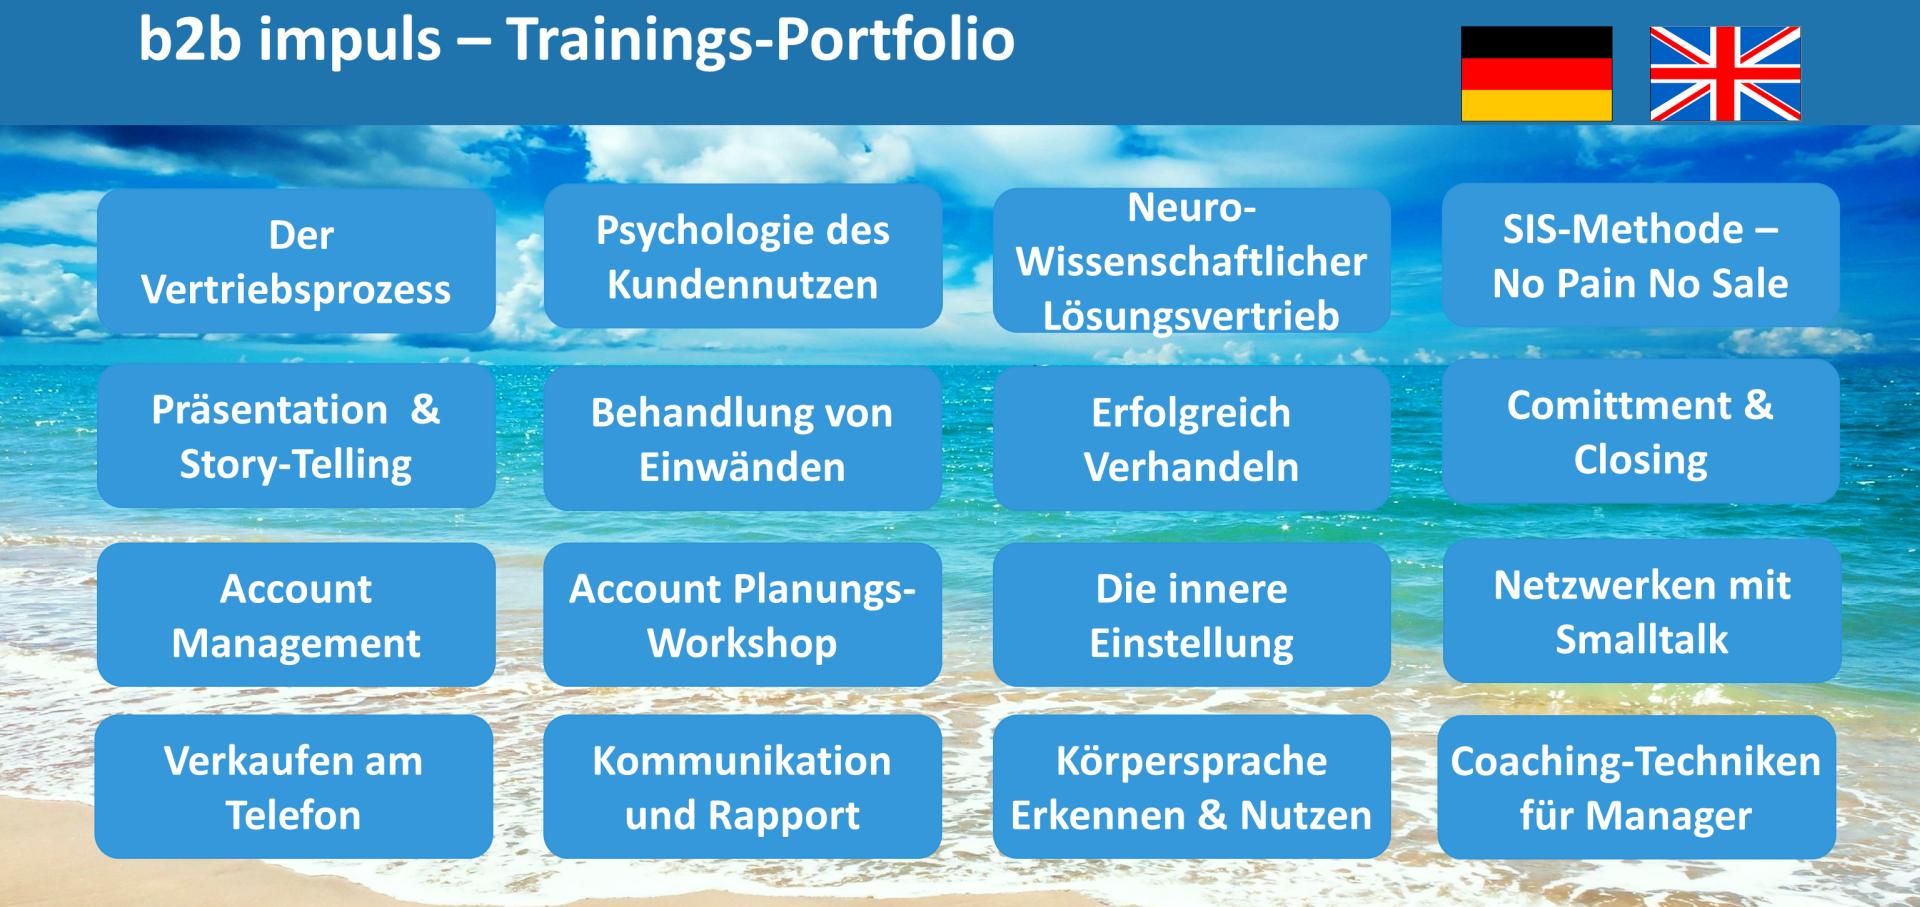 b2b impuls–Trainings-Portfolio